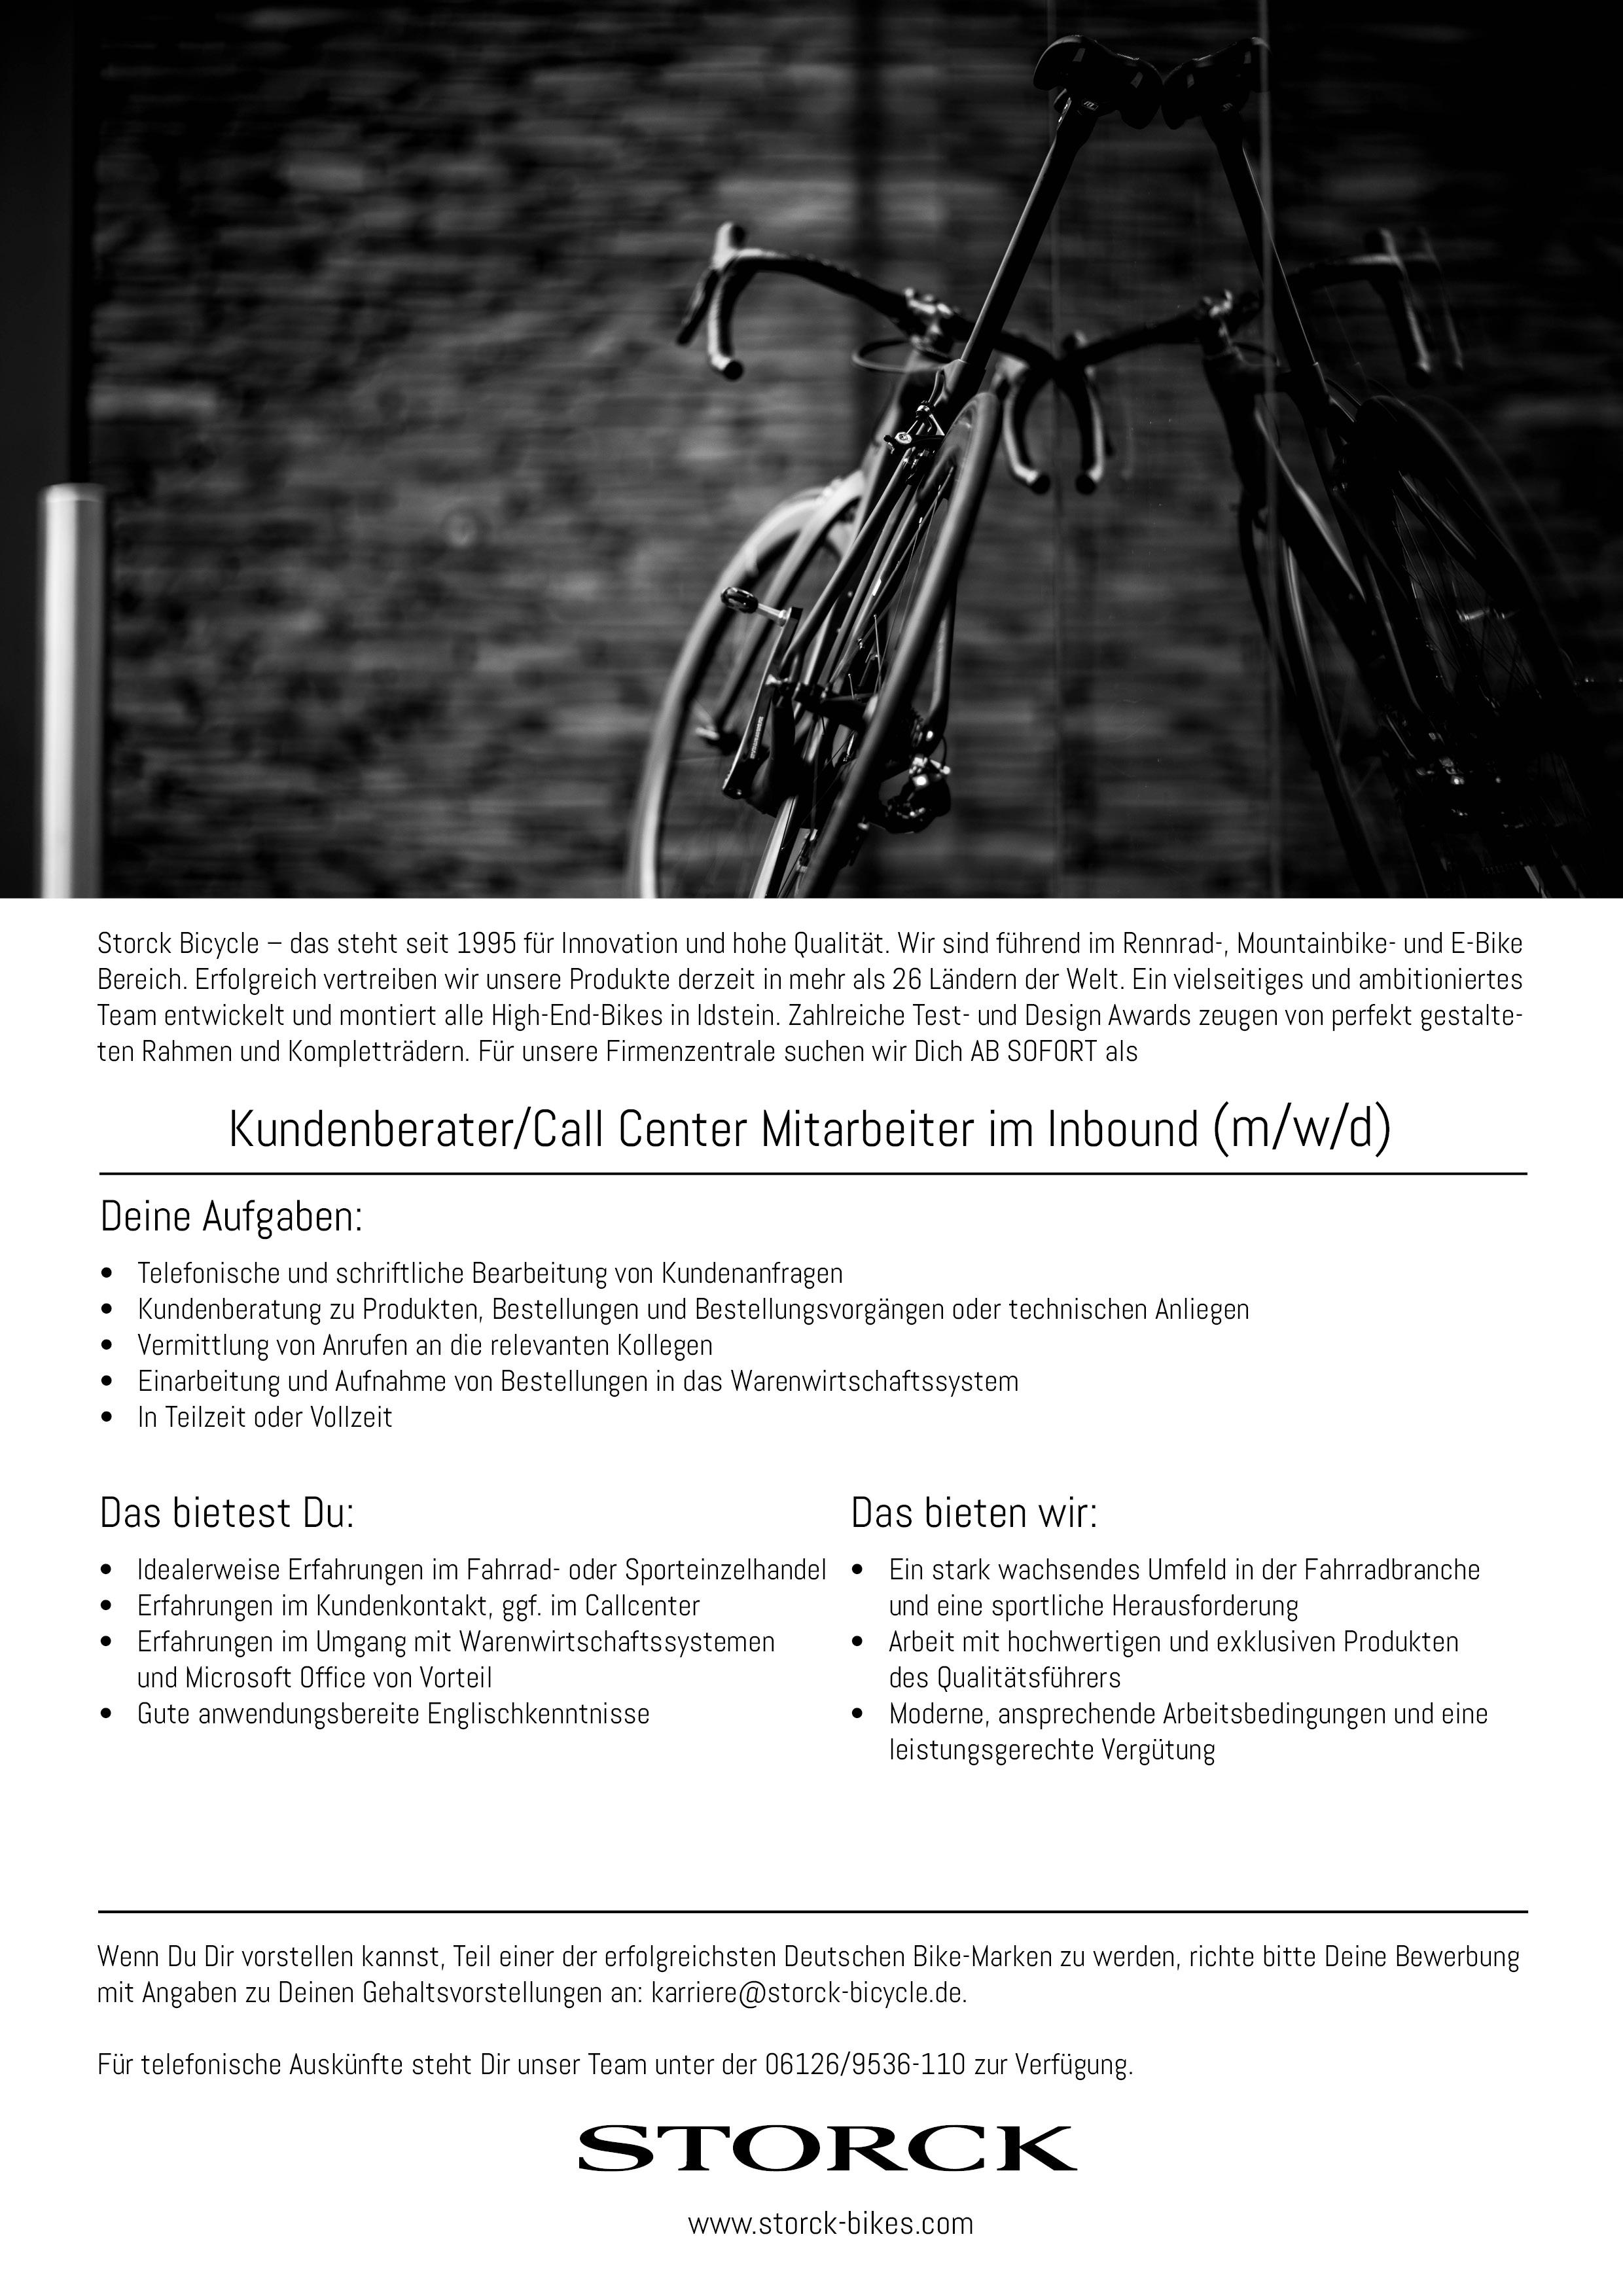 Kundenberater/Call Center Mitarbeiter im Inbound (m/w/d)